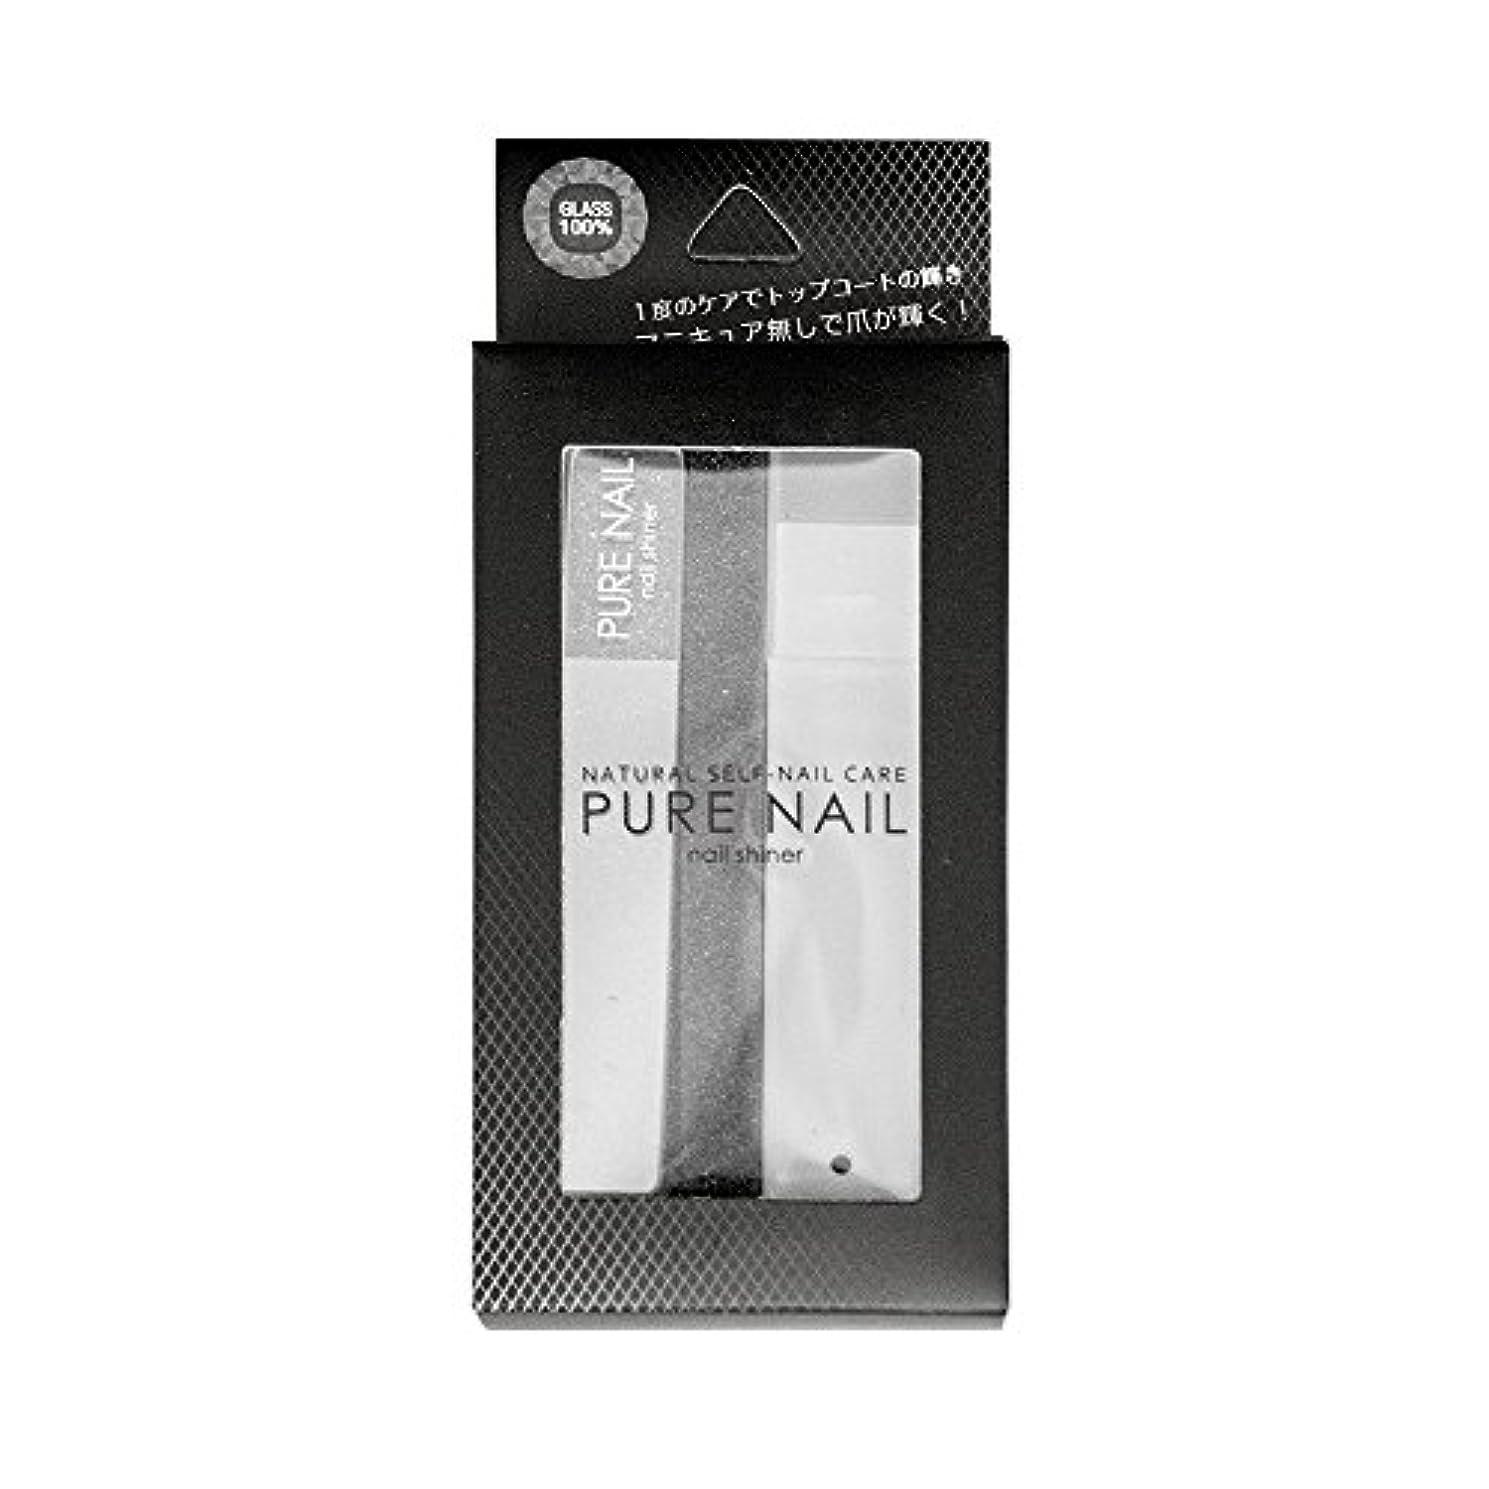 分類統合慣性ピュアネイル PURE NAIL ガラス製 爪磨き 爪ヤスリ ガラス 爪みがき 爪やすり ネイルケア